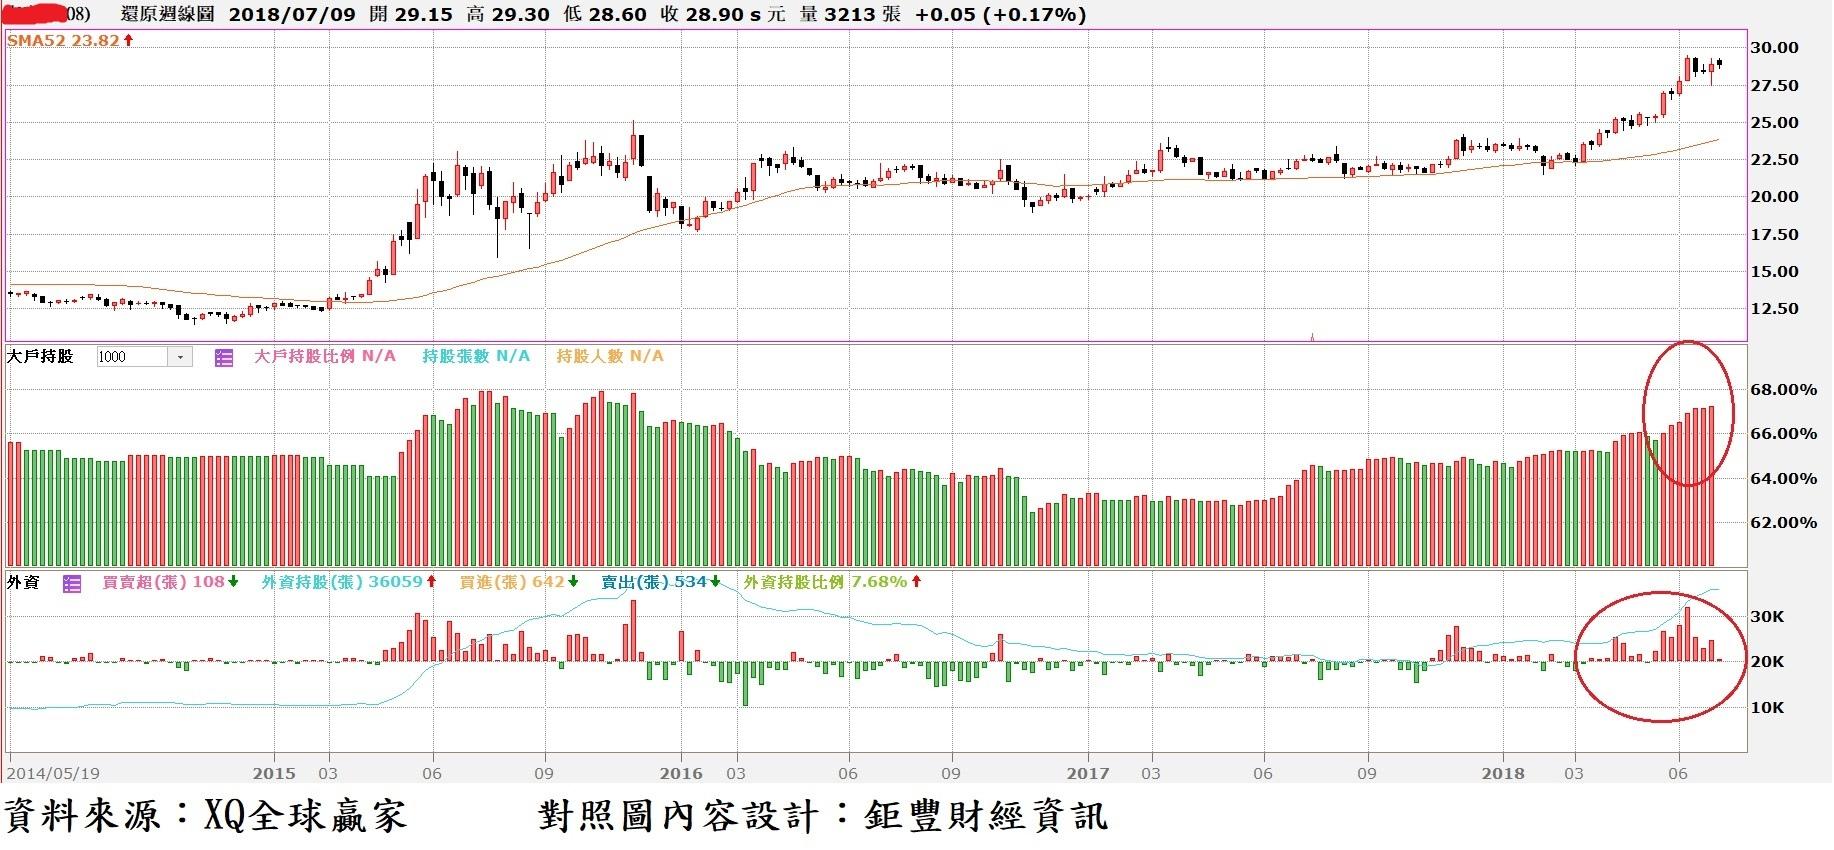 南帝(2108)周K線與大戶持股比率與外資買賣超對照圖~1